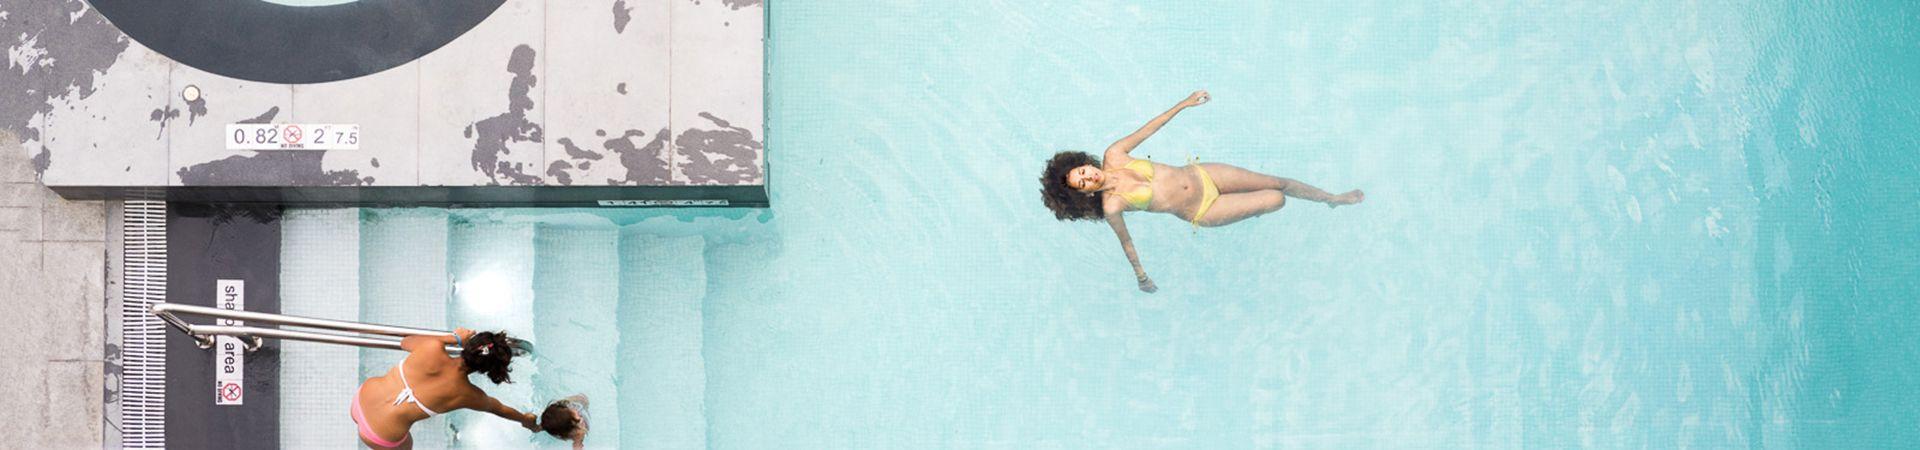 Closer. Flotando en la piscina, 2013 Guayaquil. José María Mellado